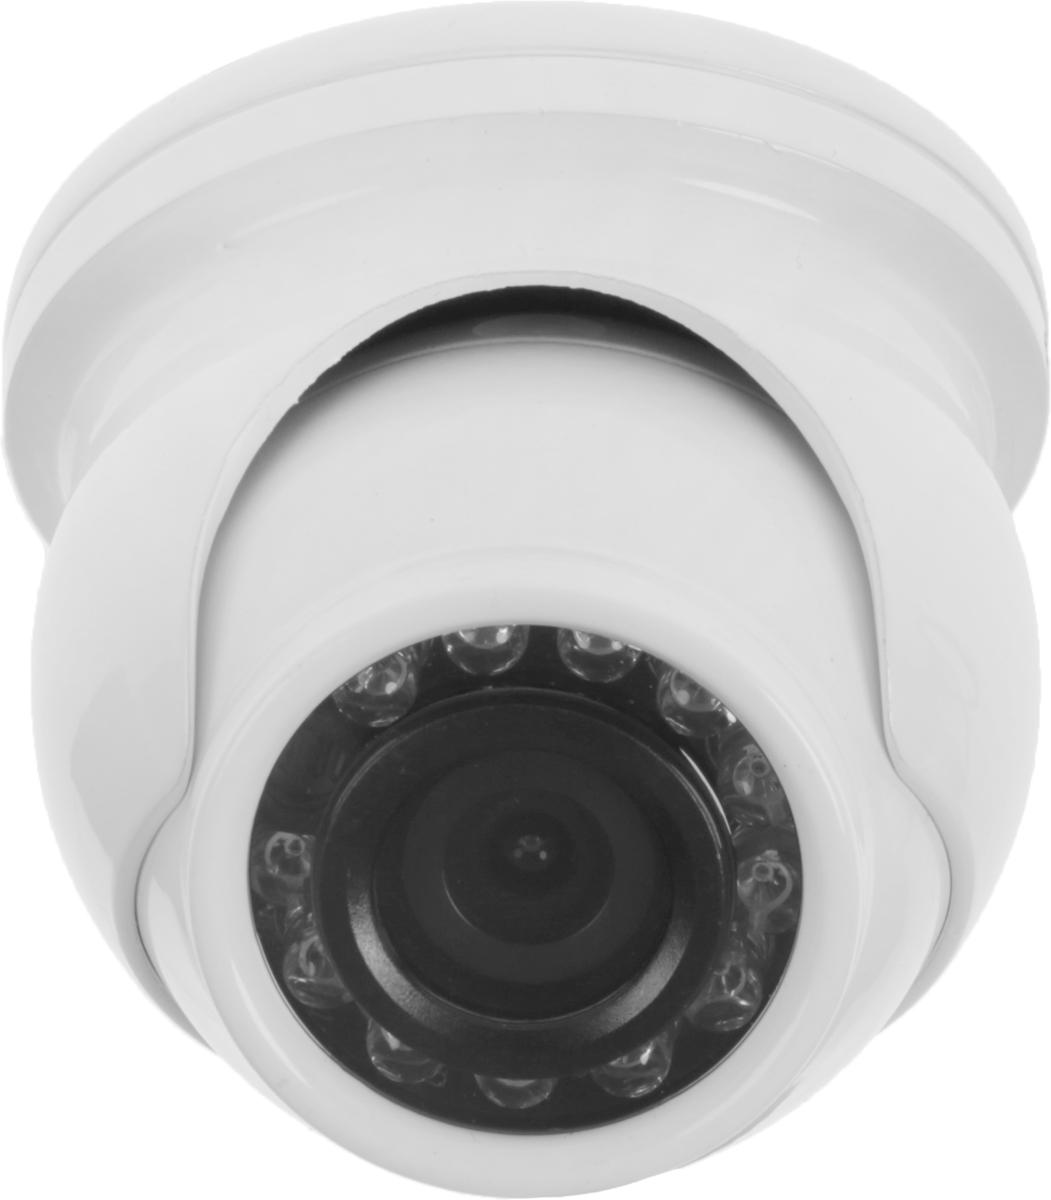 Fazera zIPCam-DIR12-720 камера видеонаблюденияzIPCam-DIR12-720Благодаря наличию инфракрасной подсветки дальностью 10 метров, и надежной защитой от атмосферных воздействий в широком диапазоне температур, камера видеонаблюдения Fazera FZ-DIR12-720 может эксплуатироваться на таких объектах, как уличные паркинги, складские помещения, отели, жилые дома и т.д.В основе камеры матрица 1/4 CMOS OmniVision OV9712 и процессор HiSilicon HI3518E благодаря чему уличная IP-камера Fazera FZ-DIR12-720 формирует изображение с разрешением до 1280x720 пикселей, с качественной цветопередачей и повышенной контрастностью, что позволяет использовать видеокамеру на объектах с высокими требованиями к качеству видеосигнала, и в системах с видеоаналитикой.Матрица: 1/4 CMOS OmniVision OV9712Процессор: HiSilicon HI3518EМеханический ИК-фильтр с автопереключениемНастройки яркости, контраста, насыщенности через клиентское ПО или веб браузер